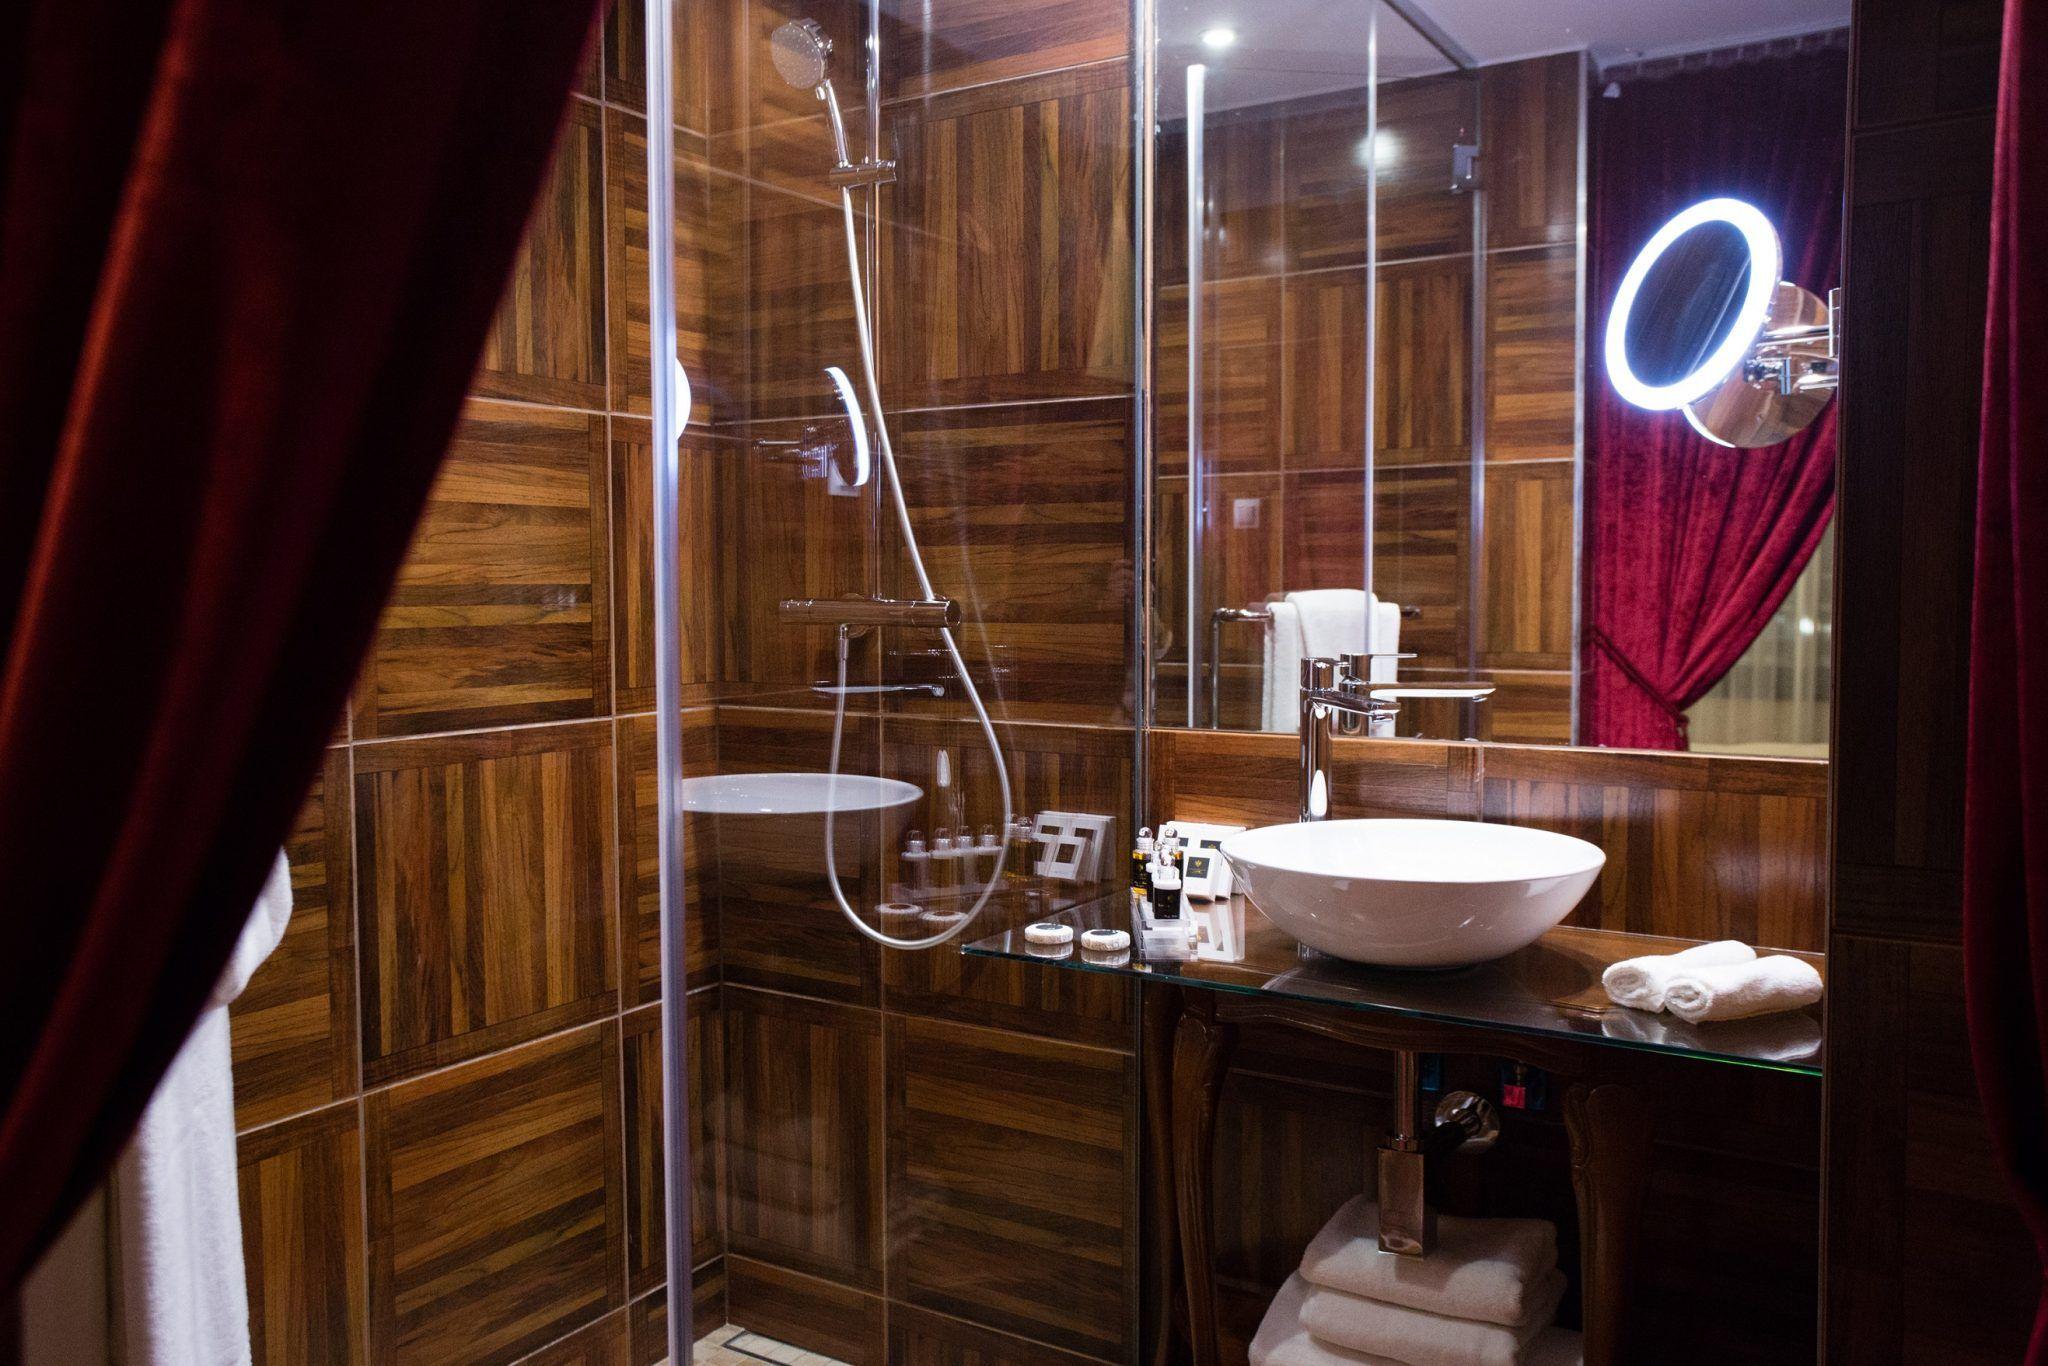 Fürdőszoba különleges fahatású burkolattal - Mystery Hotel Budapest. LETÖLTÉS: képre kattintás után jobb klikk + kép mentése más néven